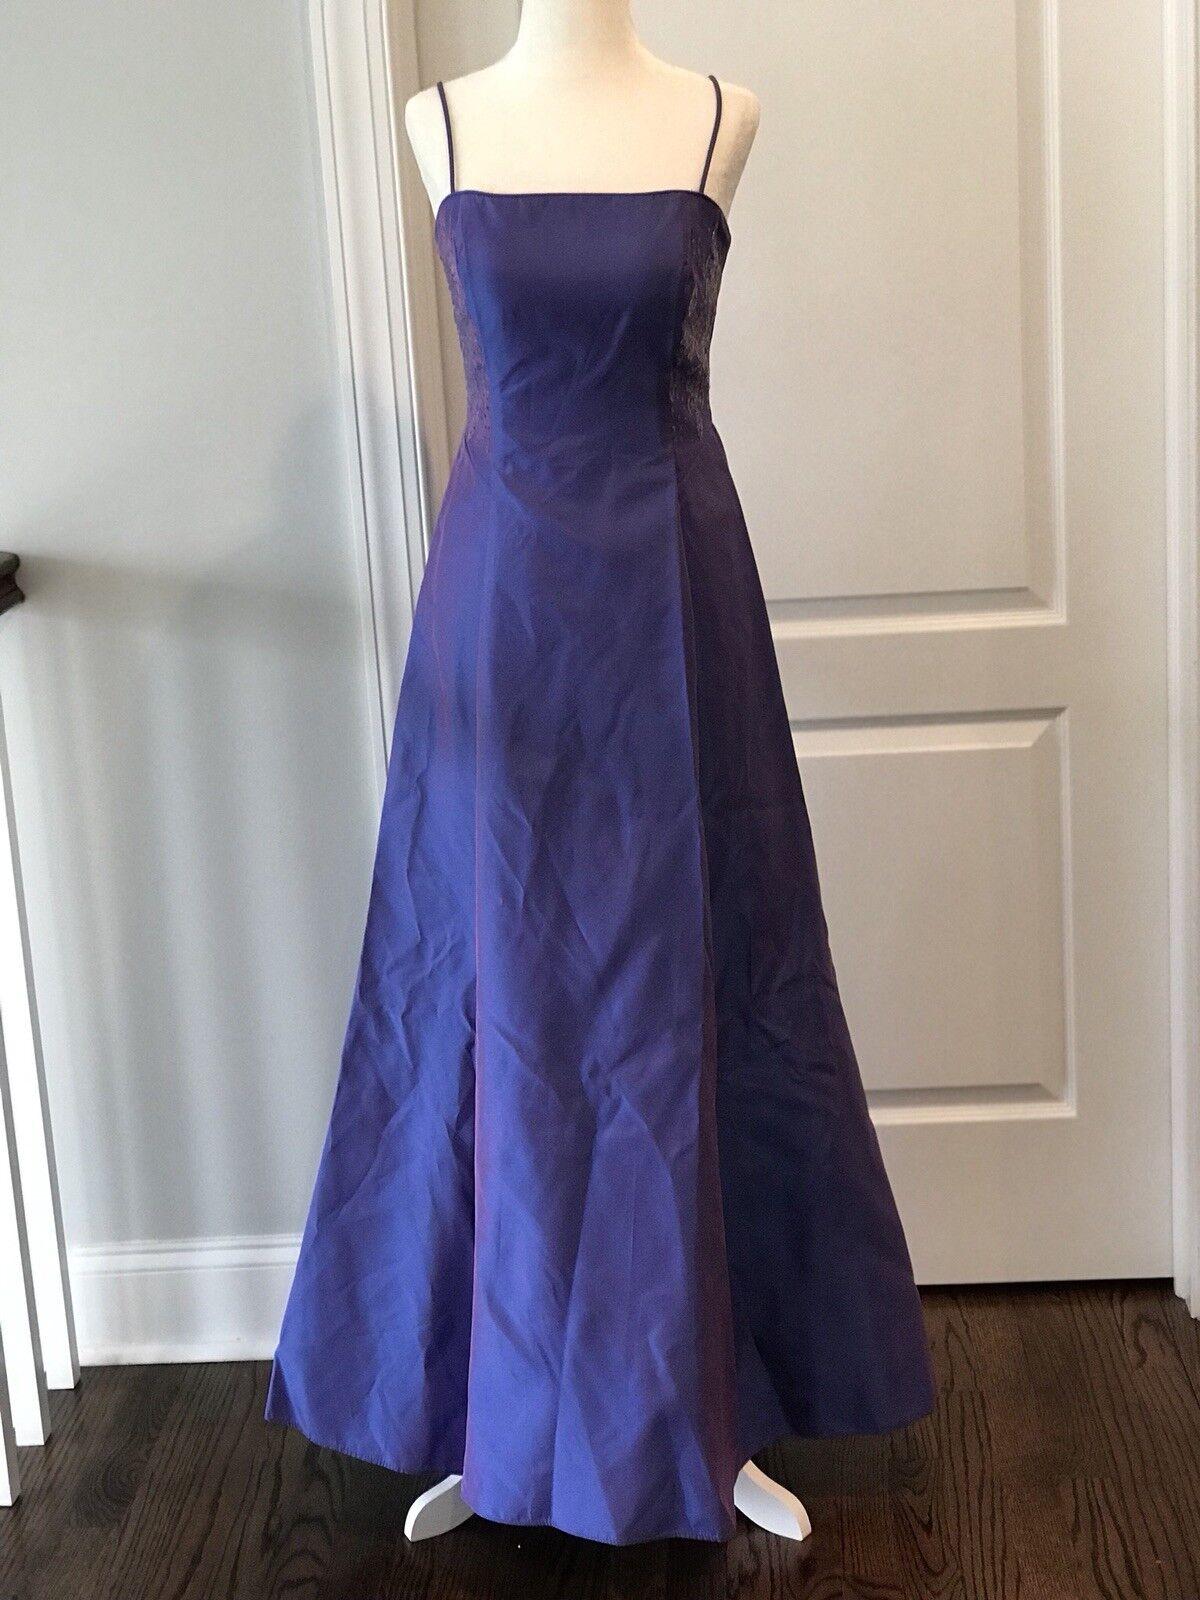 Zum Zum By Niki Livas Prom Dress Evening Gown Purple Size 5 Designer Prom Dress